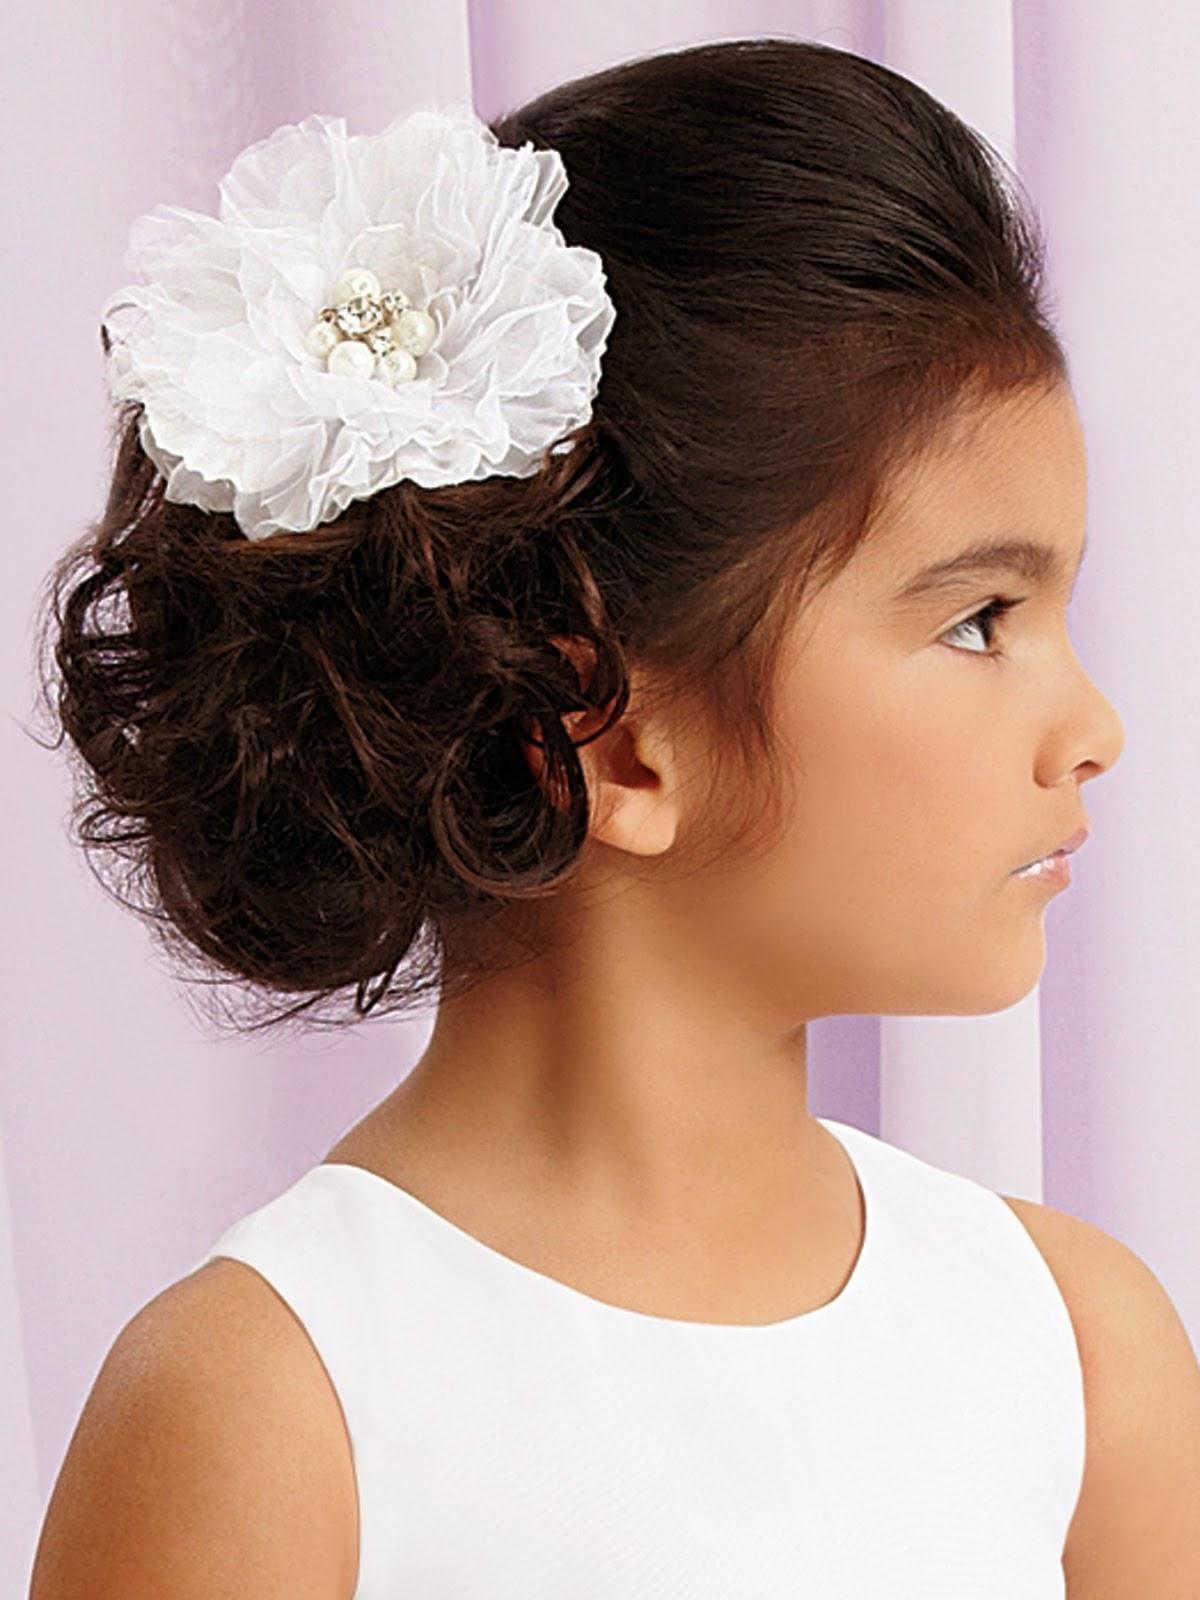 Ideas de estilo para peinados comunion Fotos de las tendencias de color de pelo - Moda Cabellos: Peinados de niñas en su Primera comunión - 2014